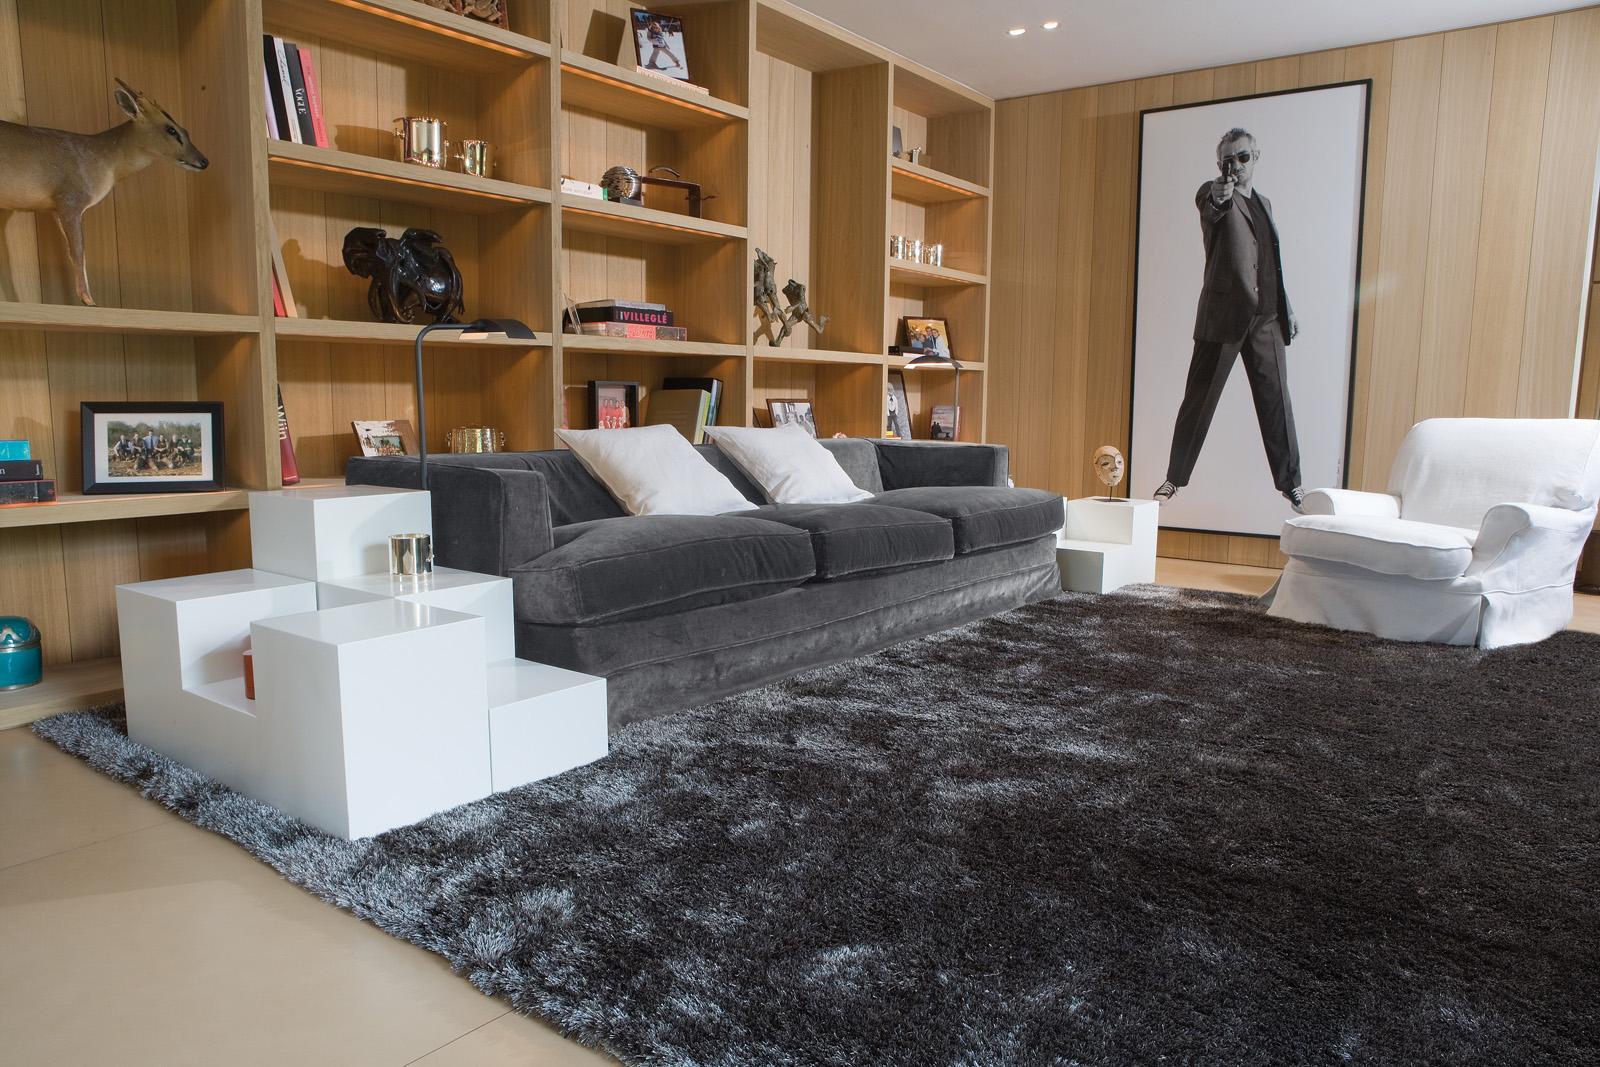 setzkasten bilder ideen couchstyle. Black Bedroom Furniture Sets. Home Design Ideas